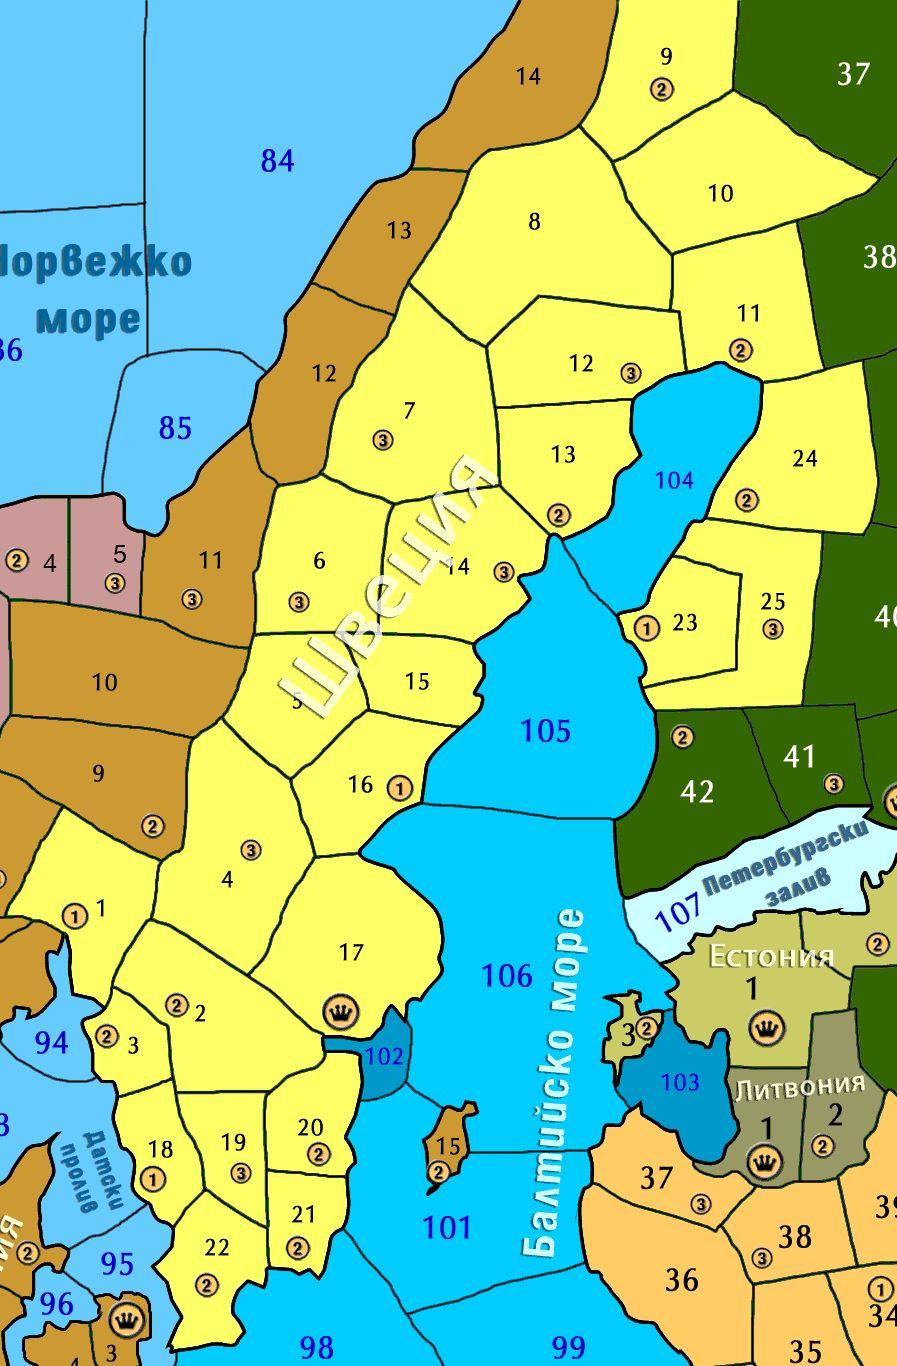 Швеция - метрополия